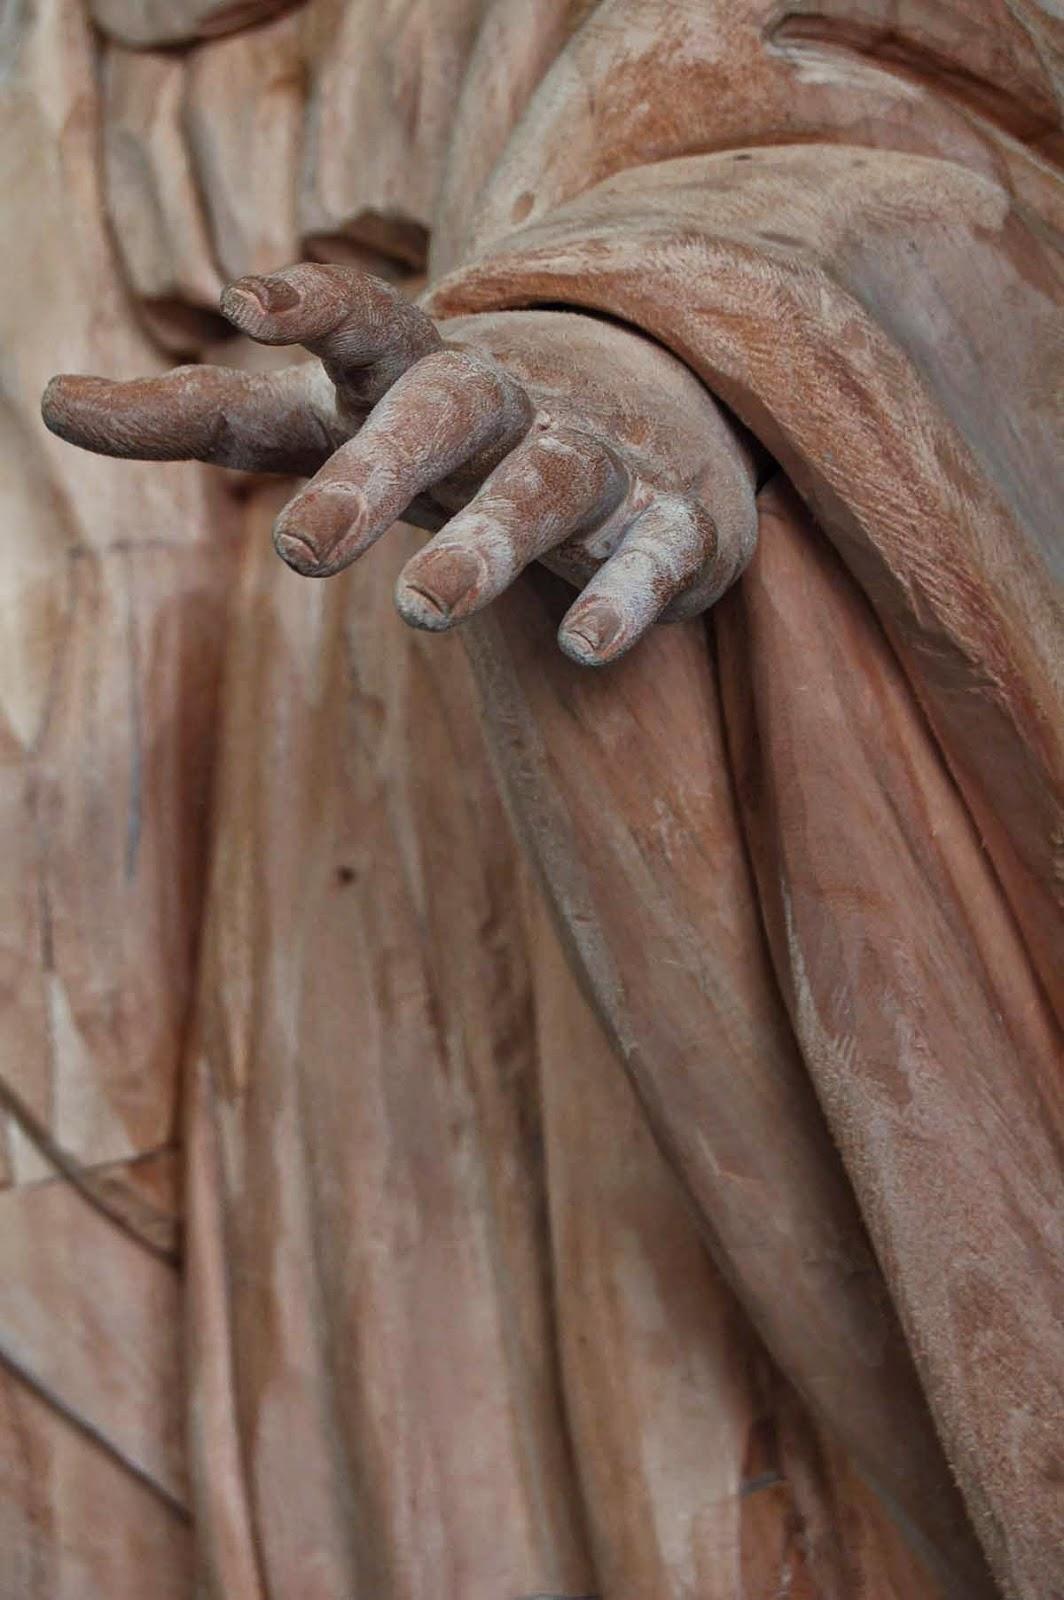 Resucitado Semana Santa Jumilla escultura 17